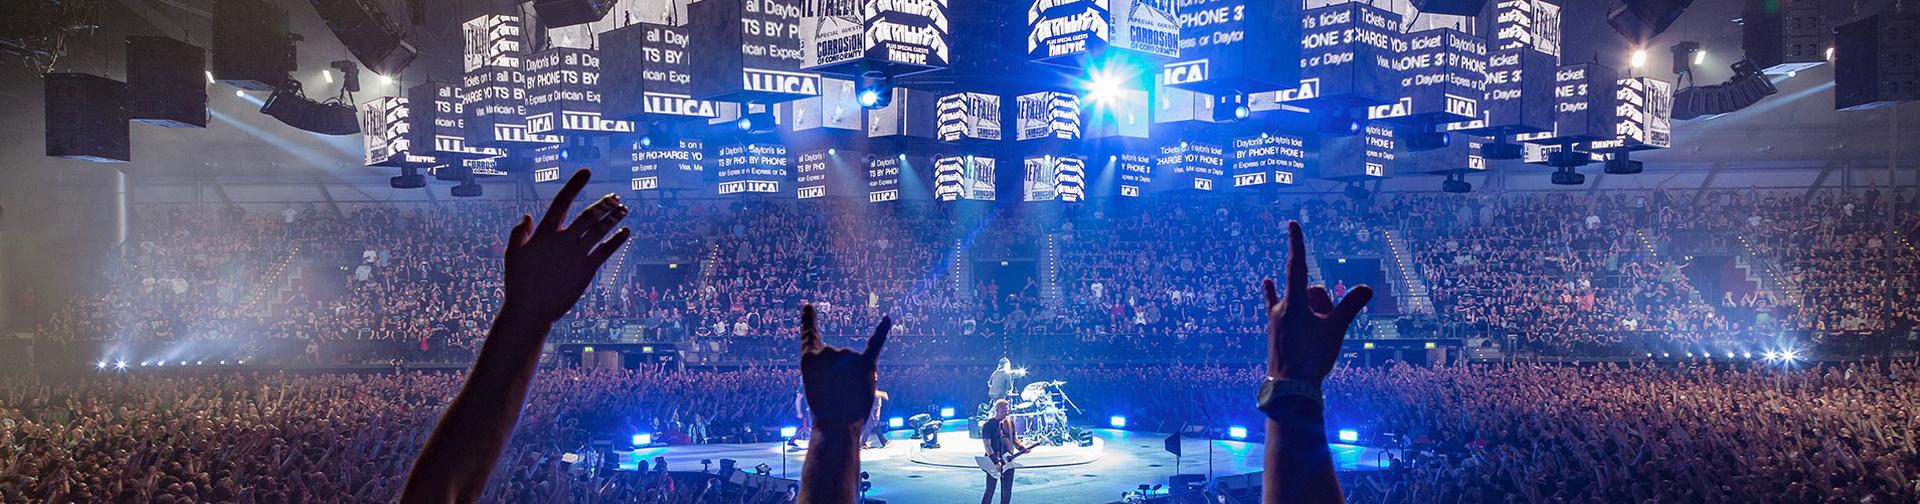 Events | Metallica com